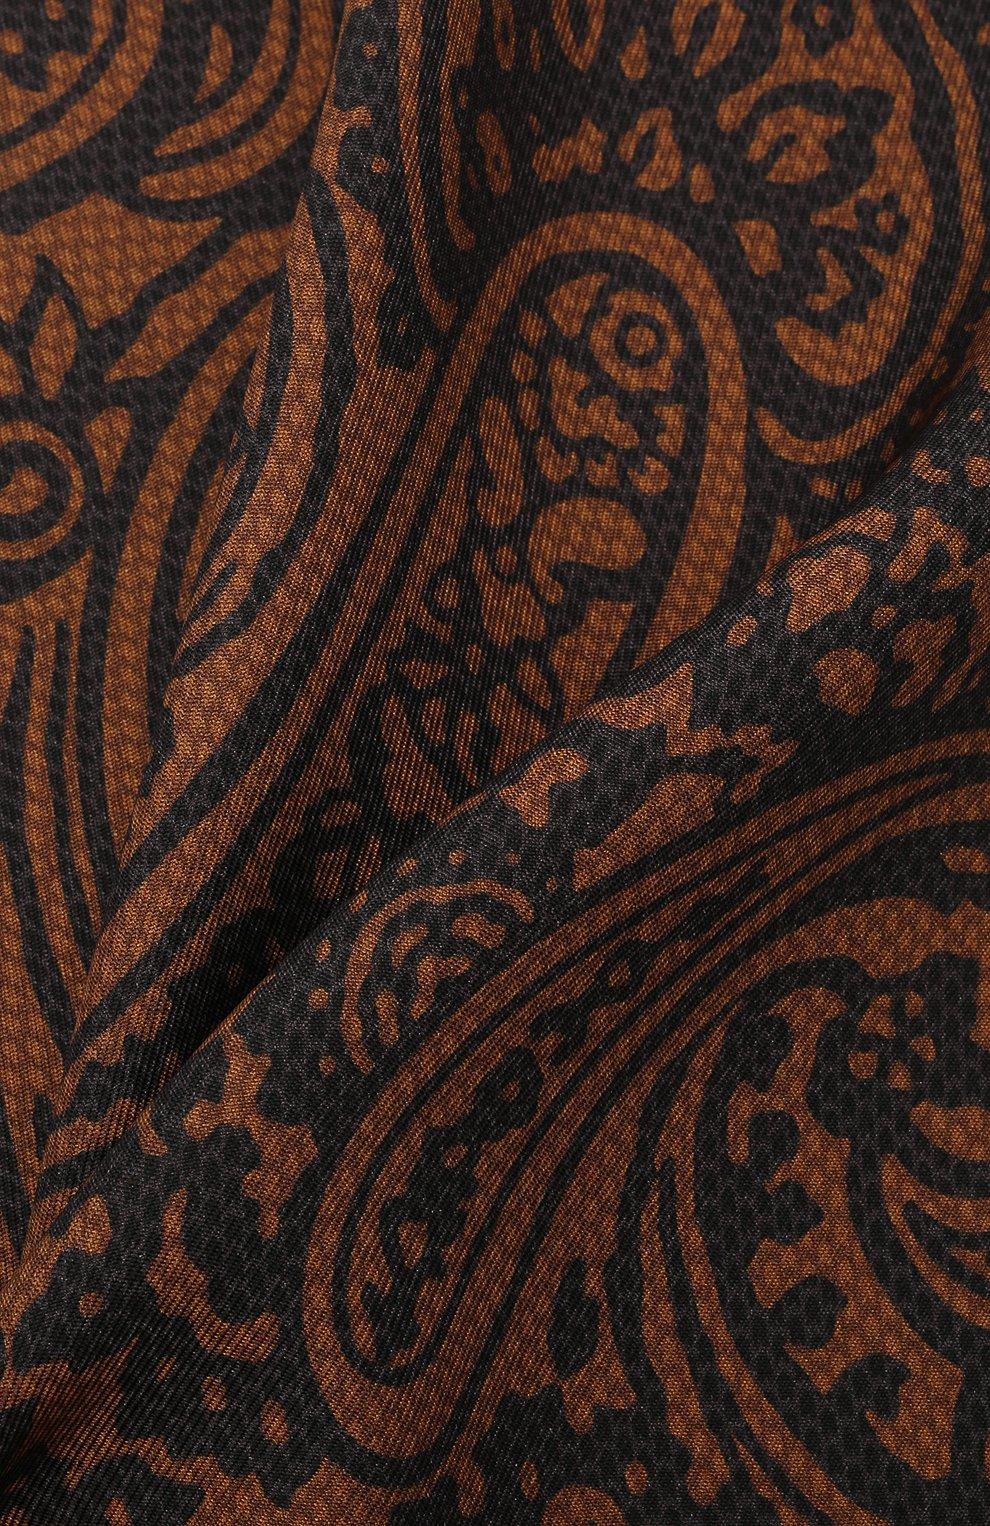 Мужской шелковый платок BRIONI коричневого цвета, арт. 071000/01439   Фото 2 (Материал: Текстиль, Шелк)